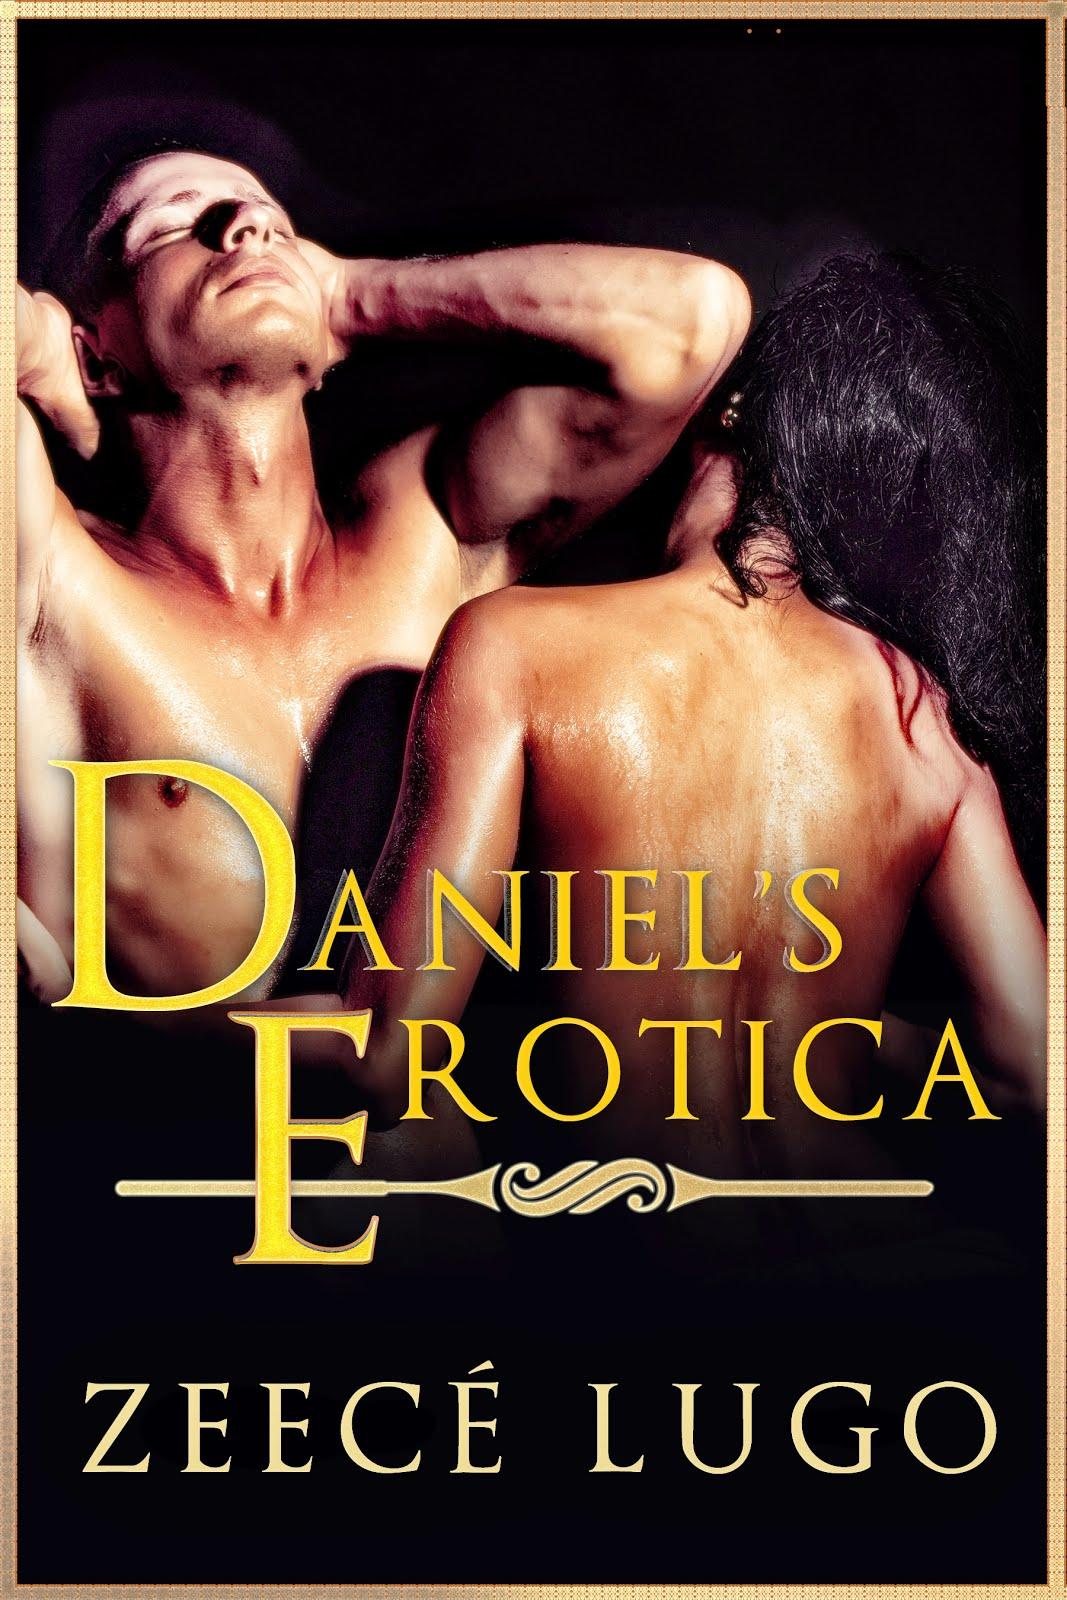 Daniel's Erotica